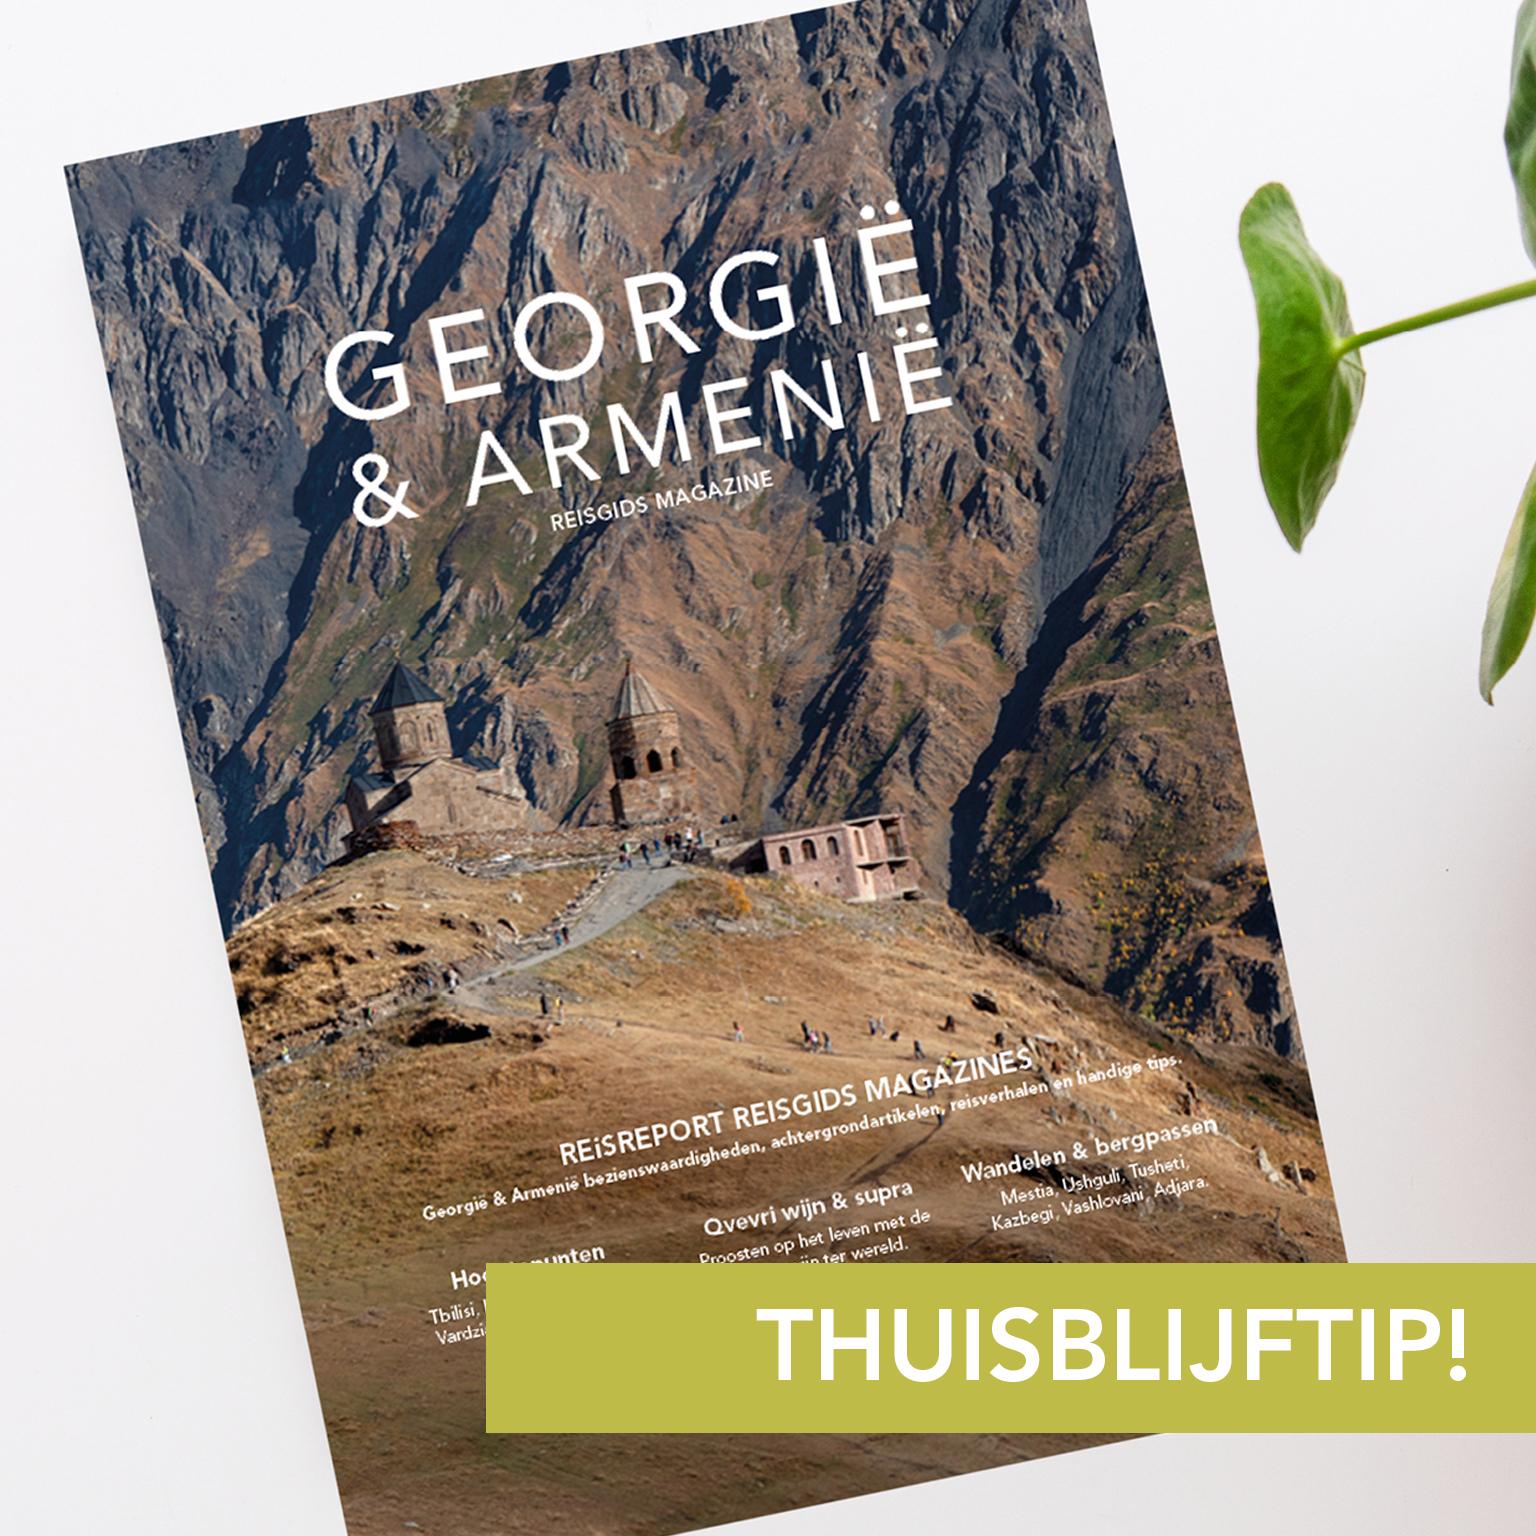 georgie-magazine-corona-thuisblijftip